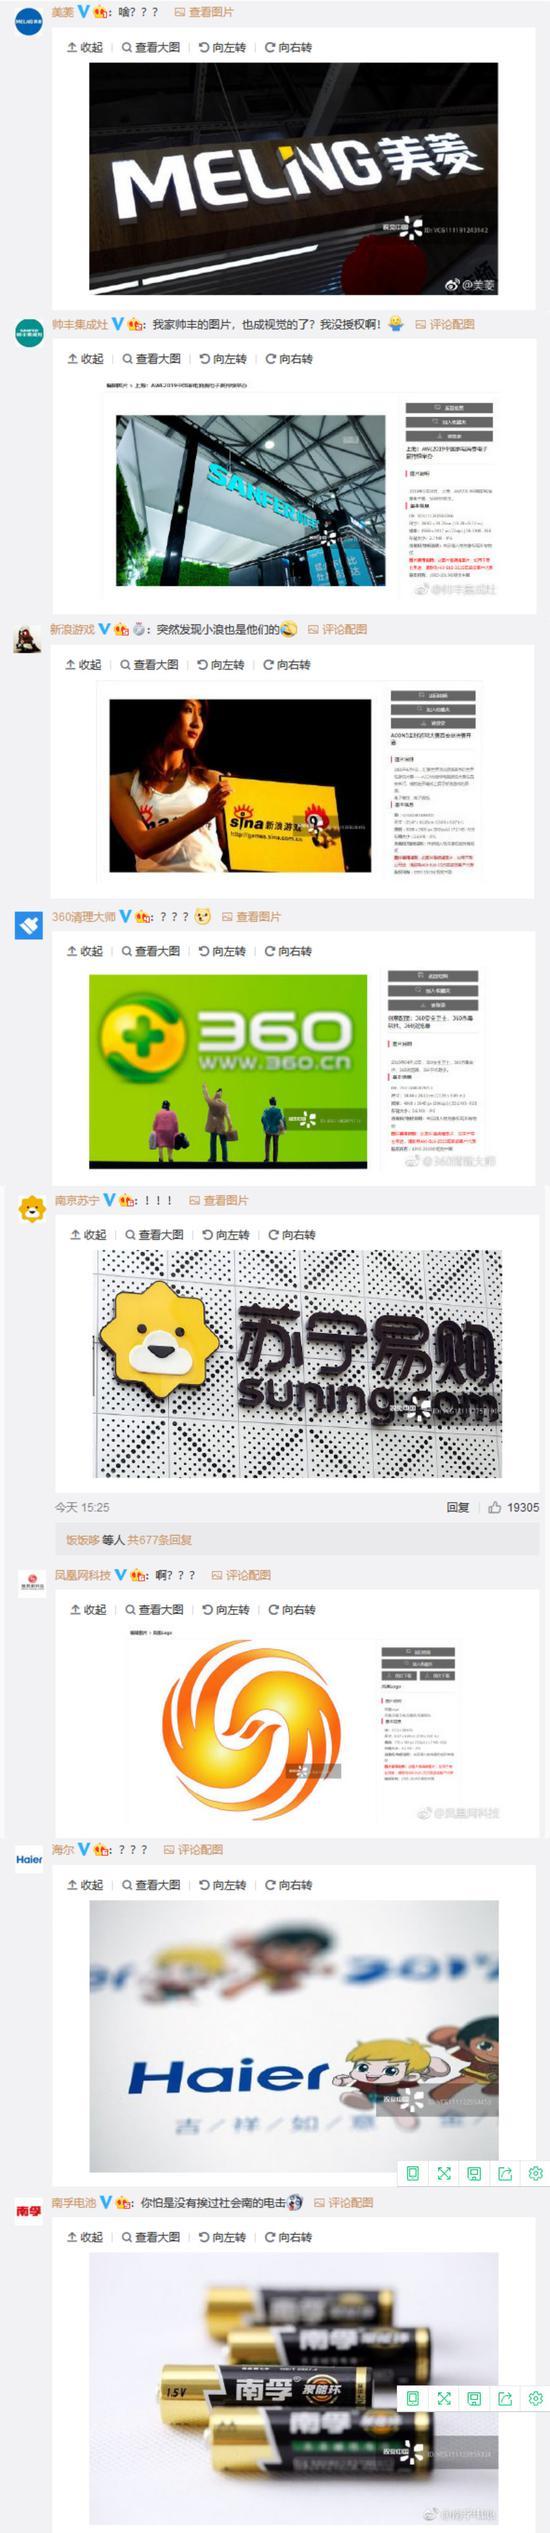 视觉中国回应